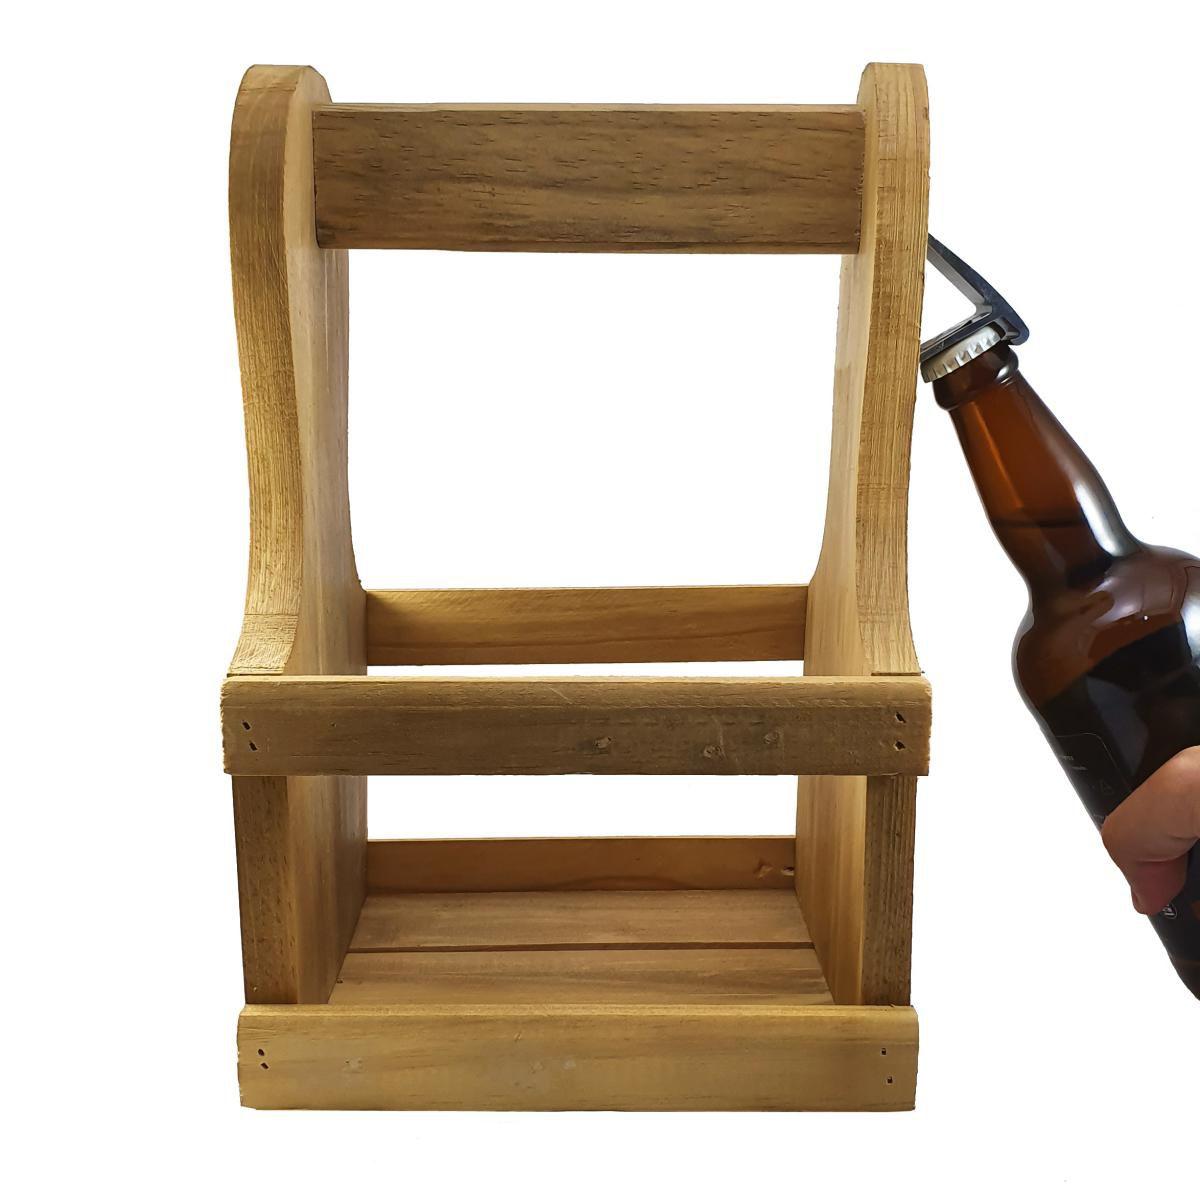 Kit 2 Peças - Engradado Caixa p/ Cervejas Gourmet em Madeira com Abridor c/ Ímã